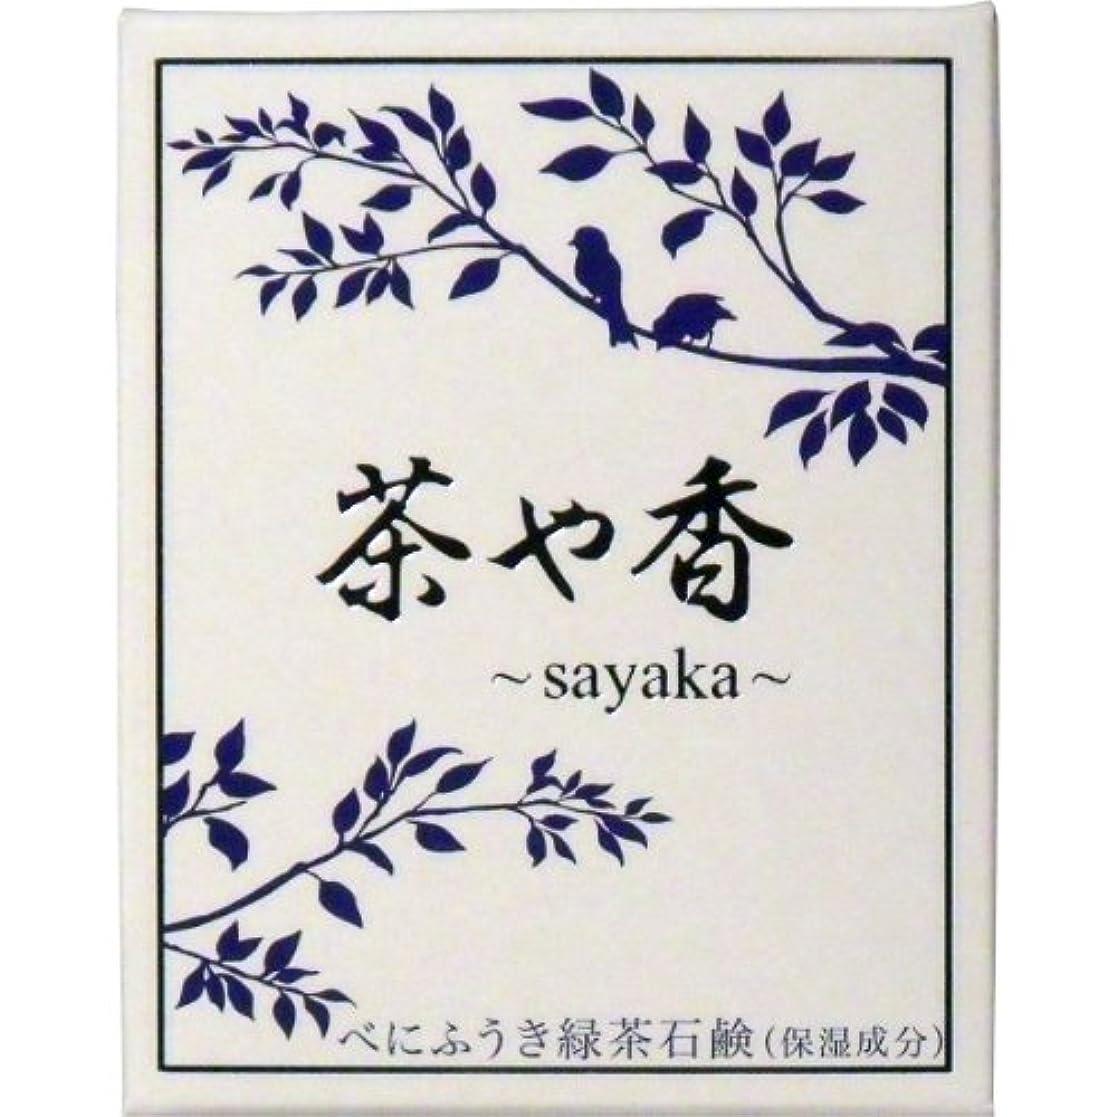 プランター帽子タップ茶や香 -sayaka- べにふうき緑茶石鹸 100g入 ×6個セット